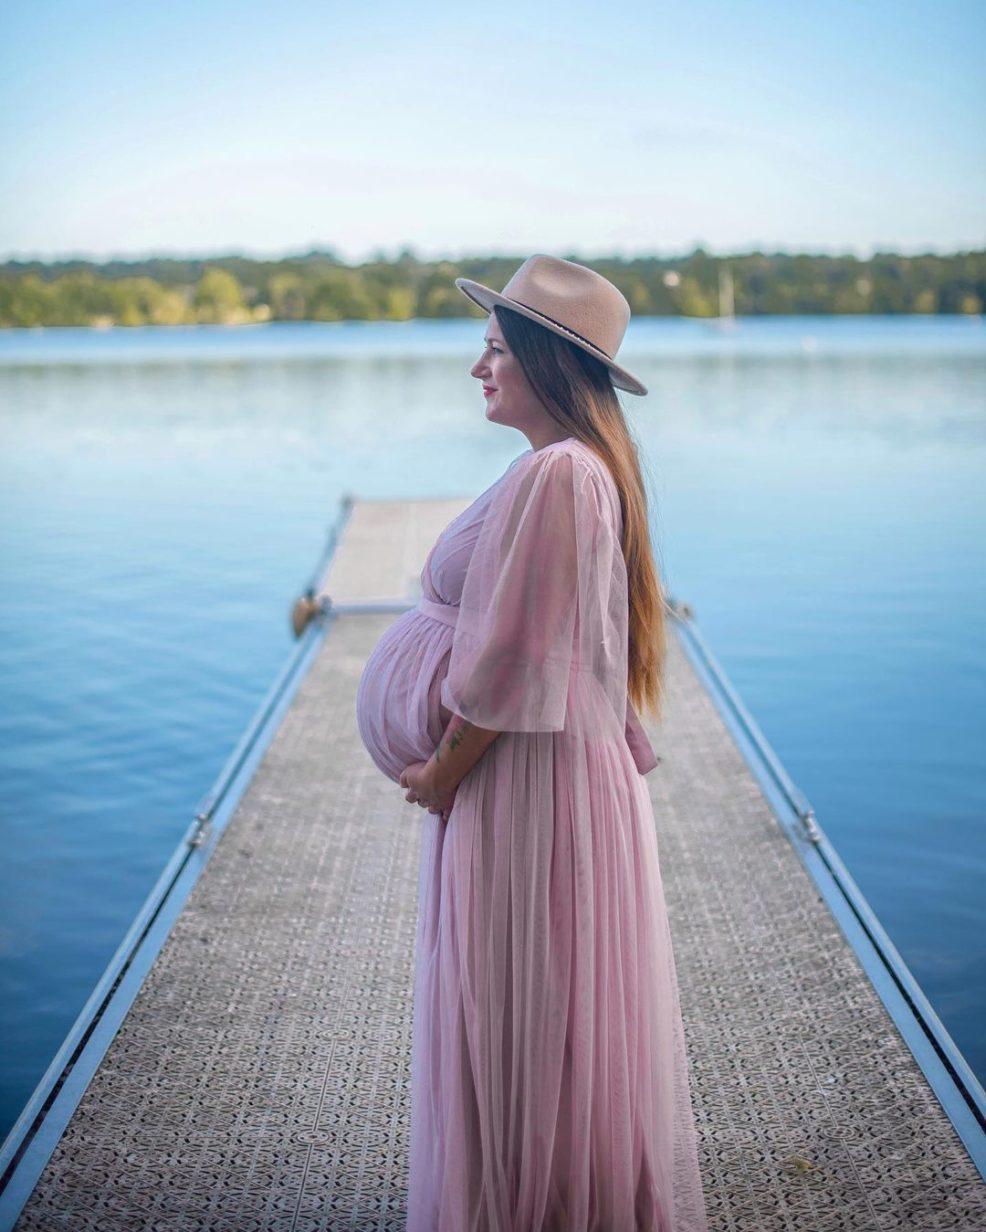 Comment faire une jolie photo enceinte ? Voici mes idées shooting de grossesse !